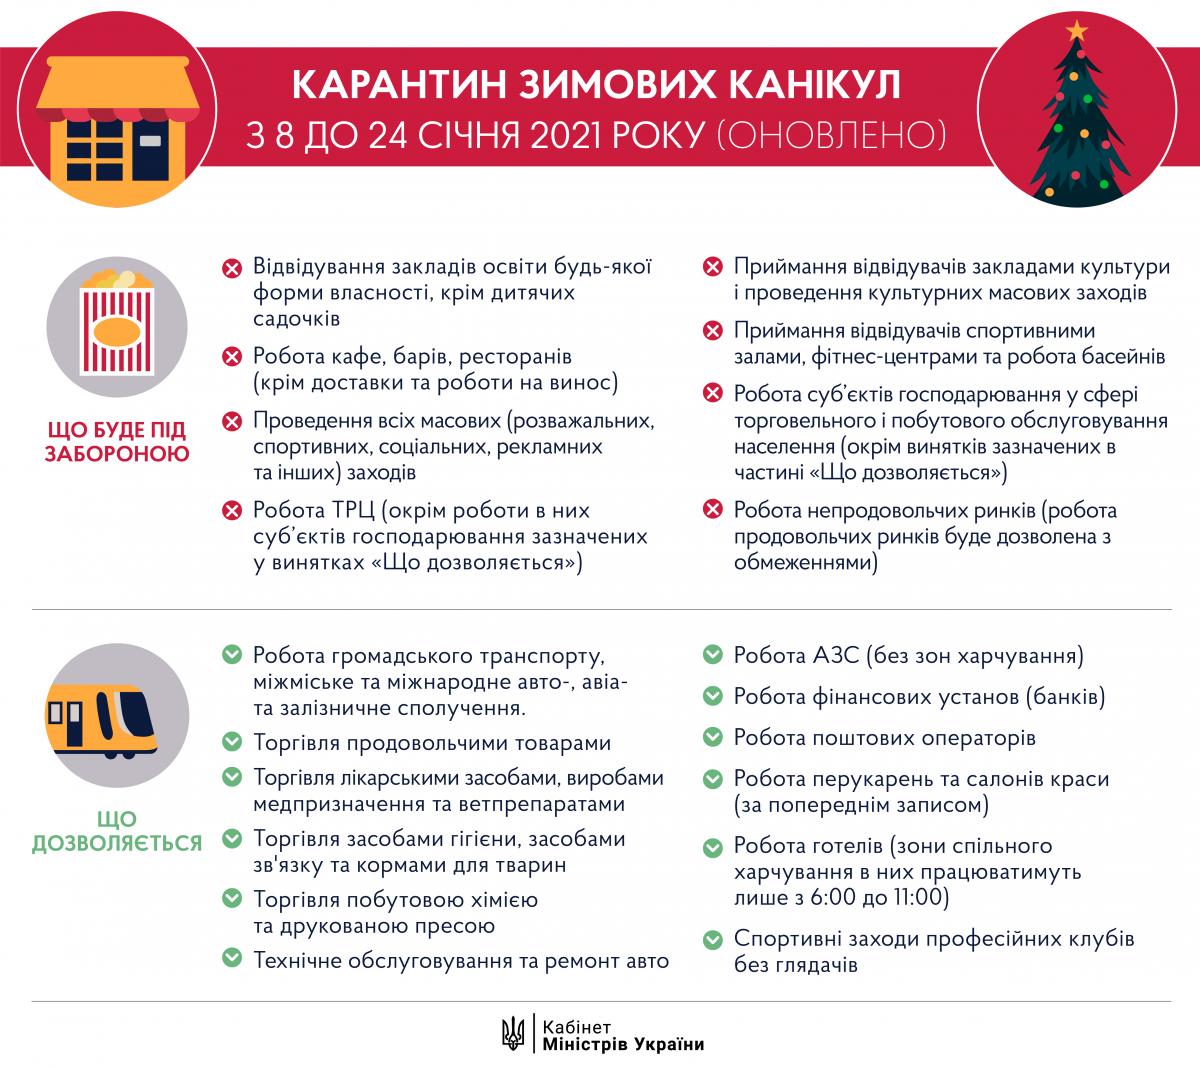 Зеленский сделал заявление о локдауне в Украине